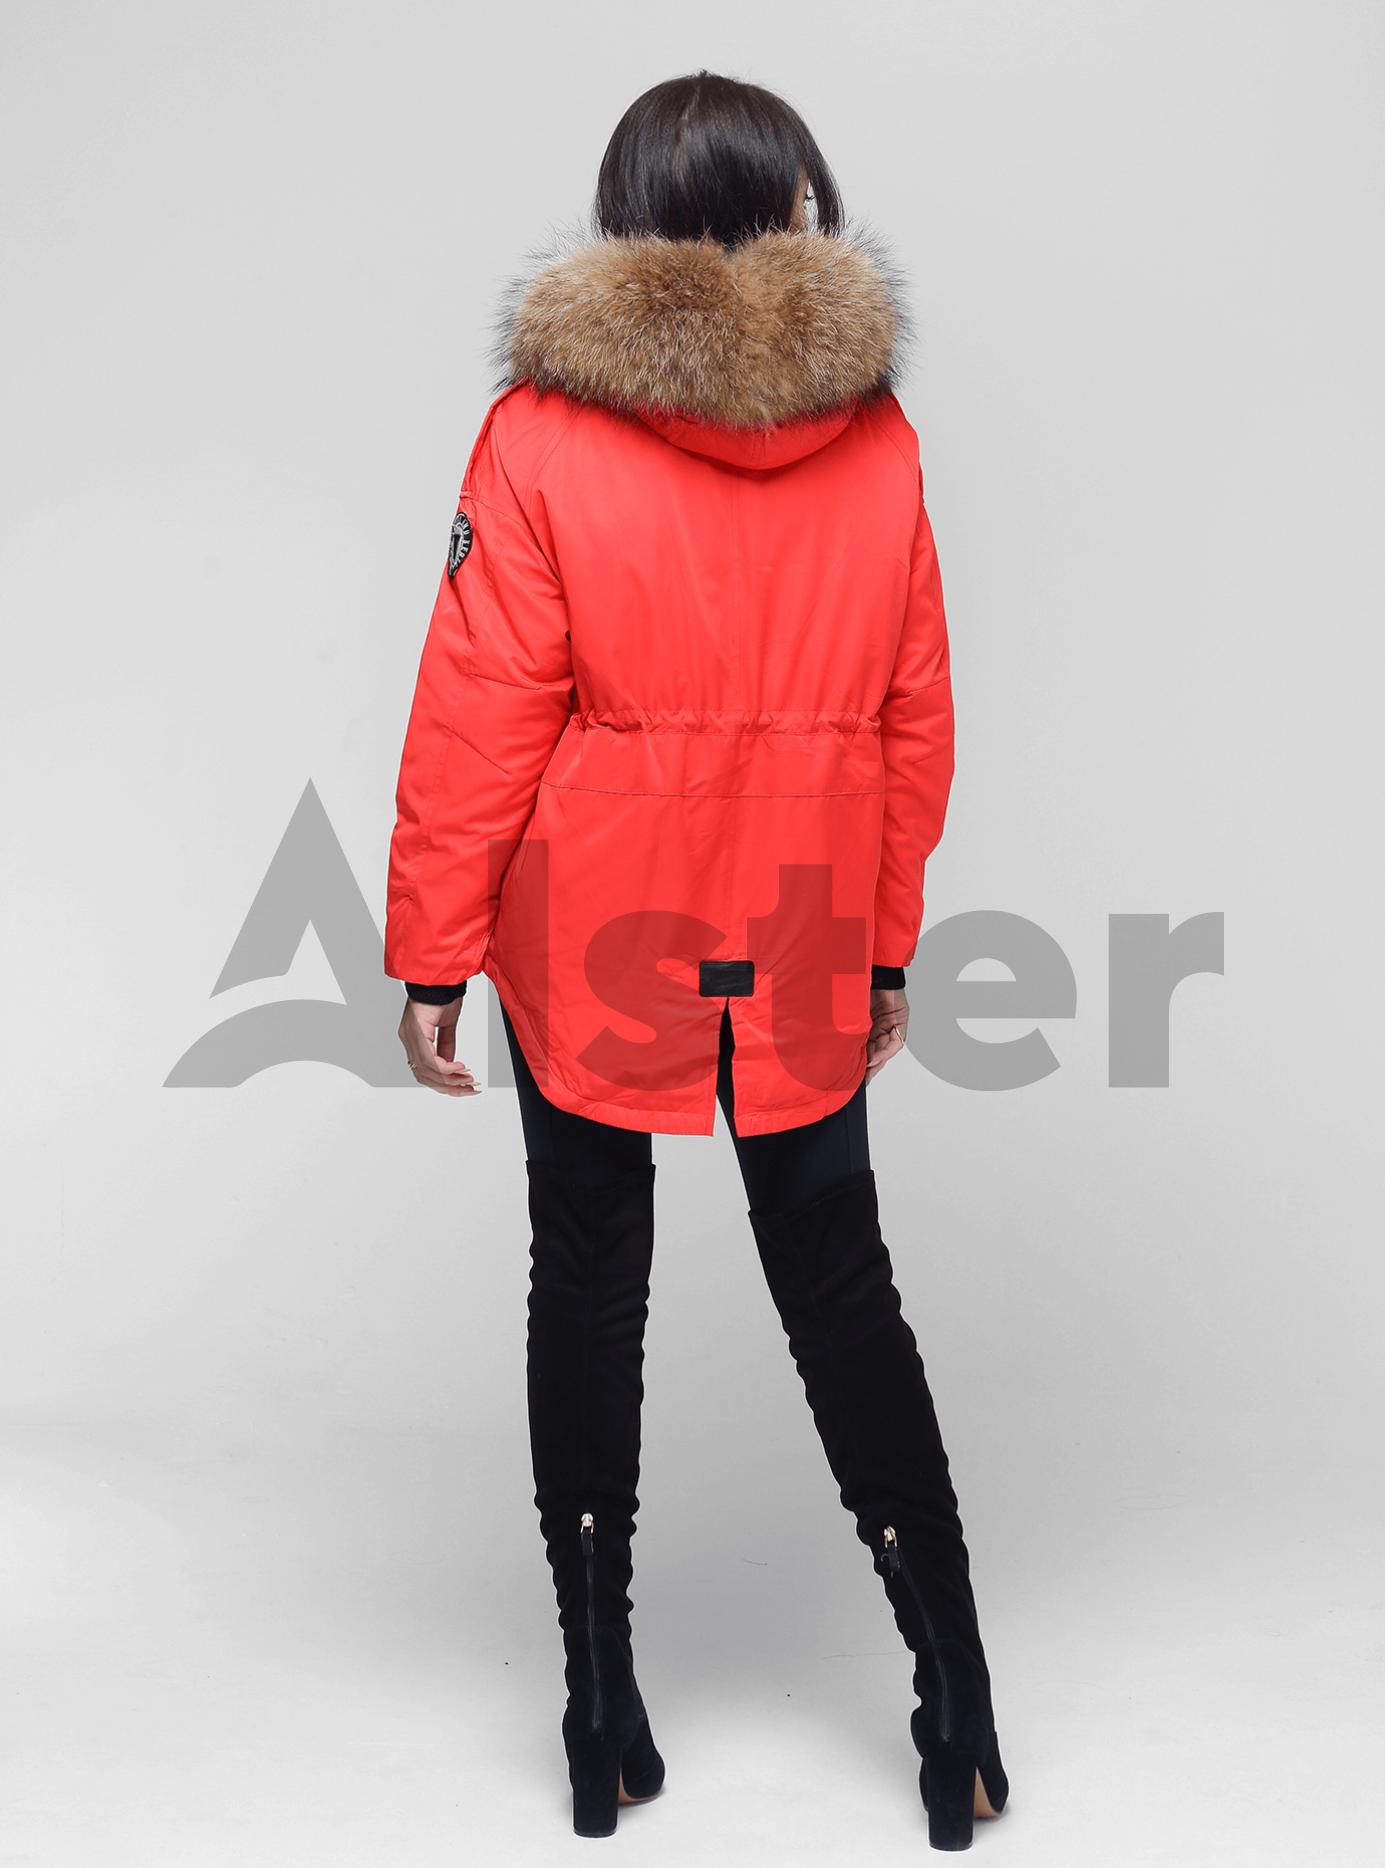 Зимова куртка-парка з хутром єнота Червоний XL (05-V191225): фото - Alster.ua